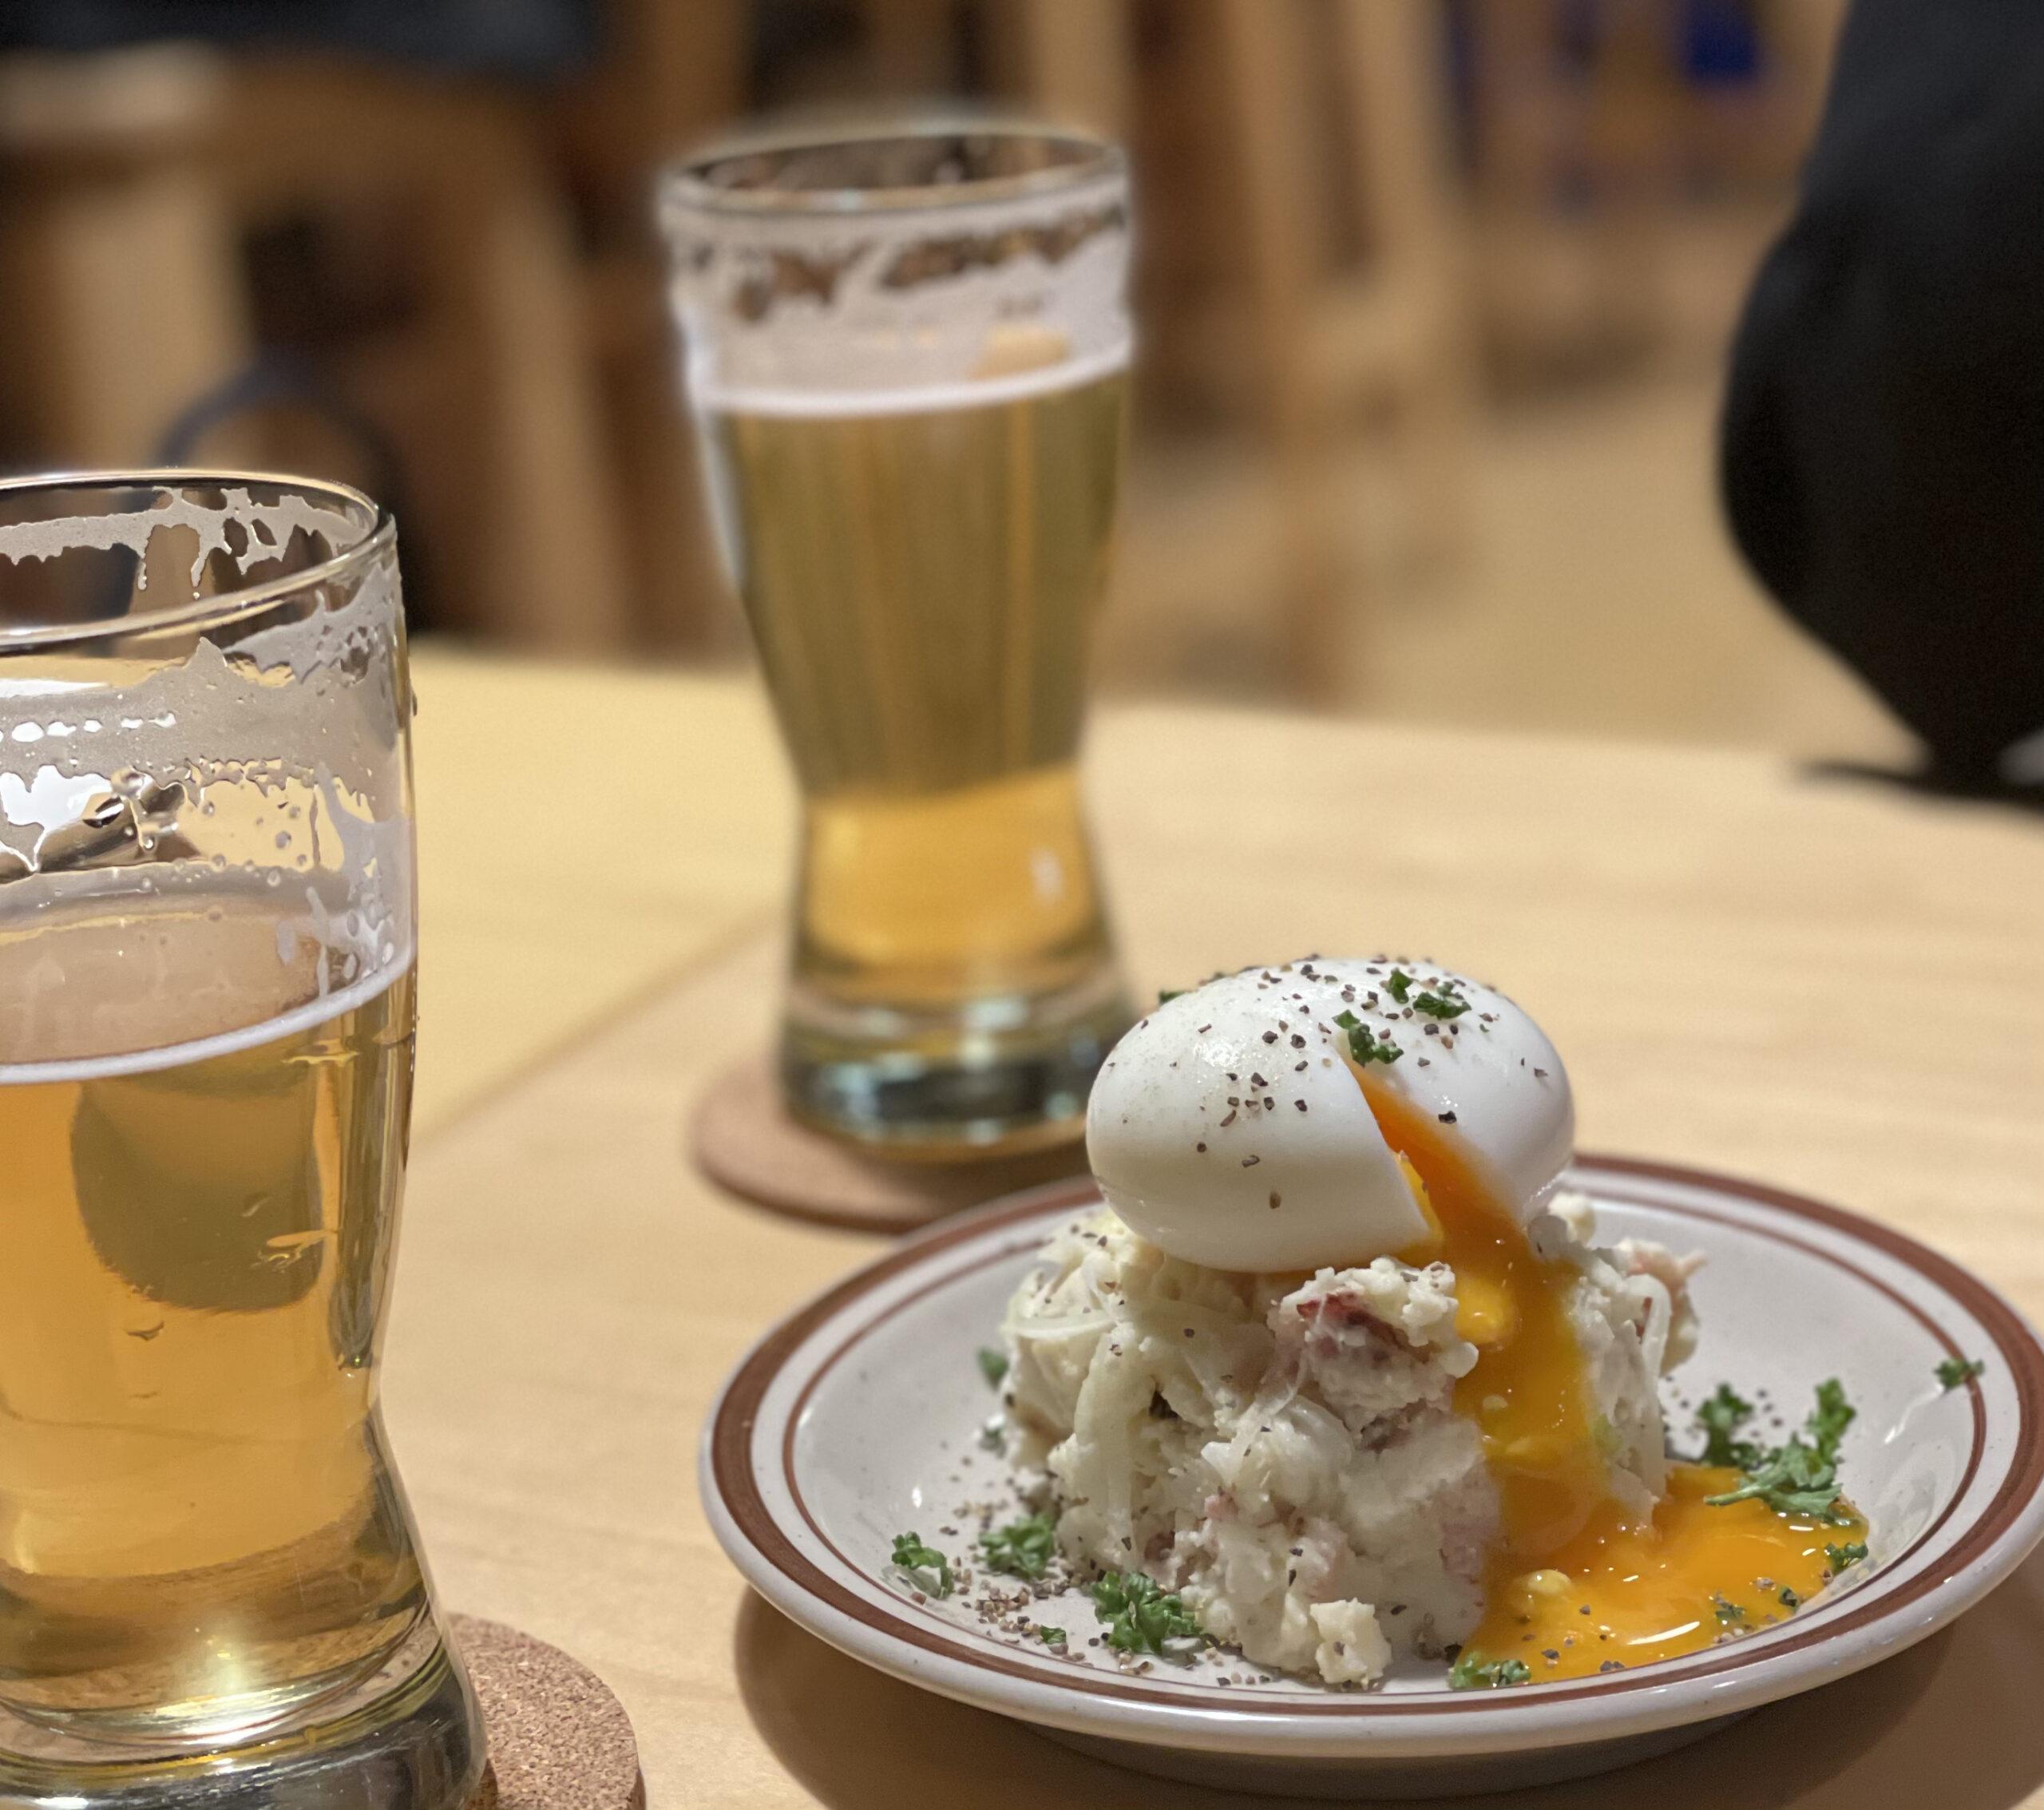 思わず写真をとりたくなる映えメニューとクラフトビールが楽しめる!松山市「BOKKE」に行ってきました!